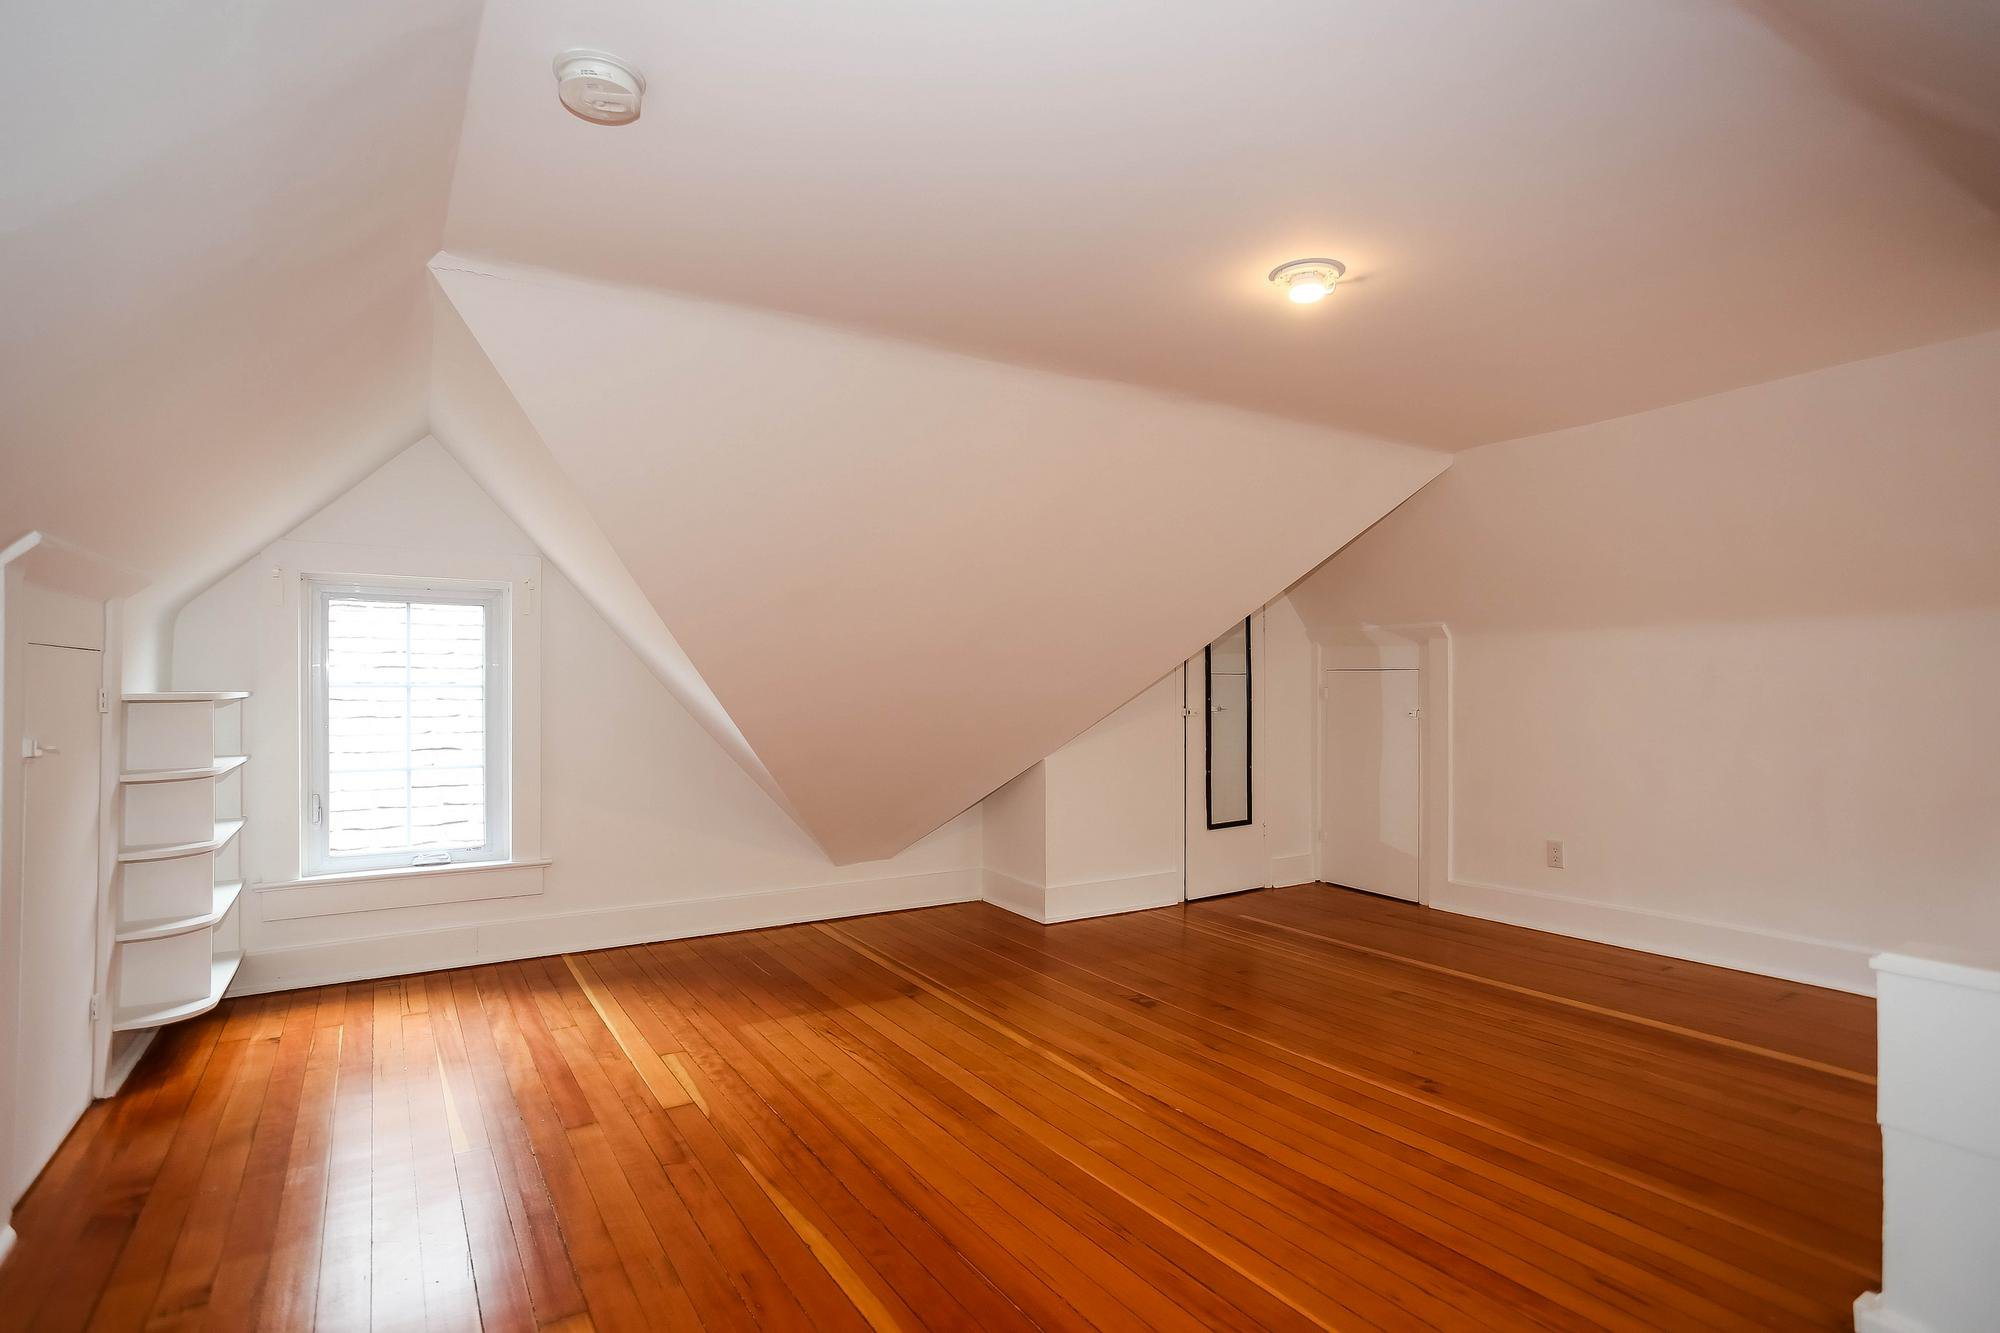 Photo 36: Photos: 108 LENORE Street in Winnipeg: Wolseley Single Family Detached for sale (5B)  : MLS®# 202013079